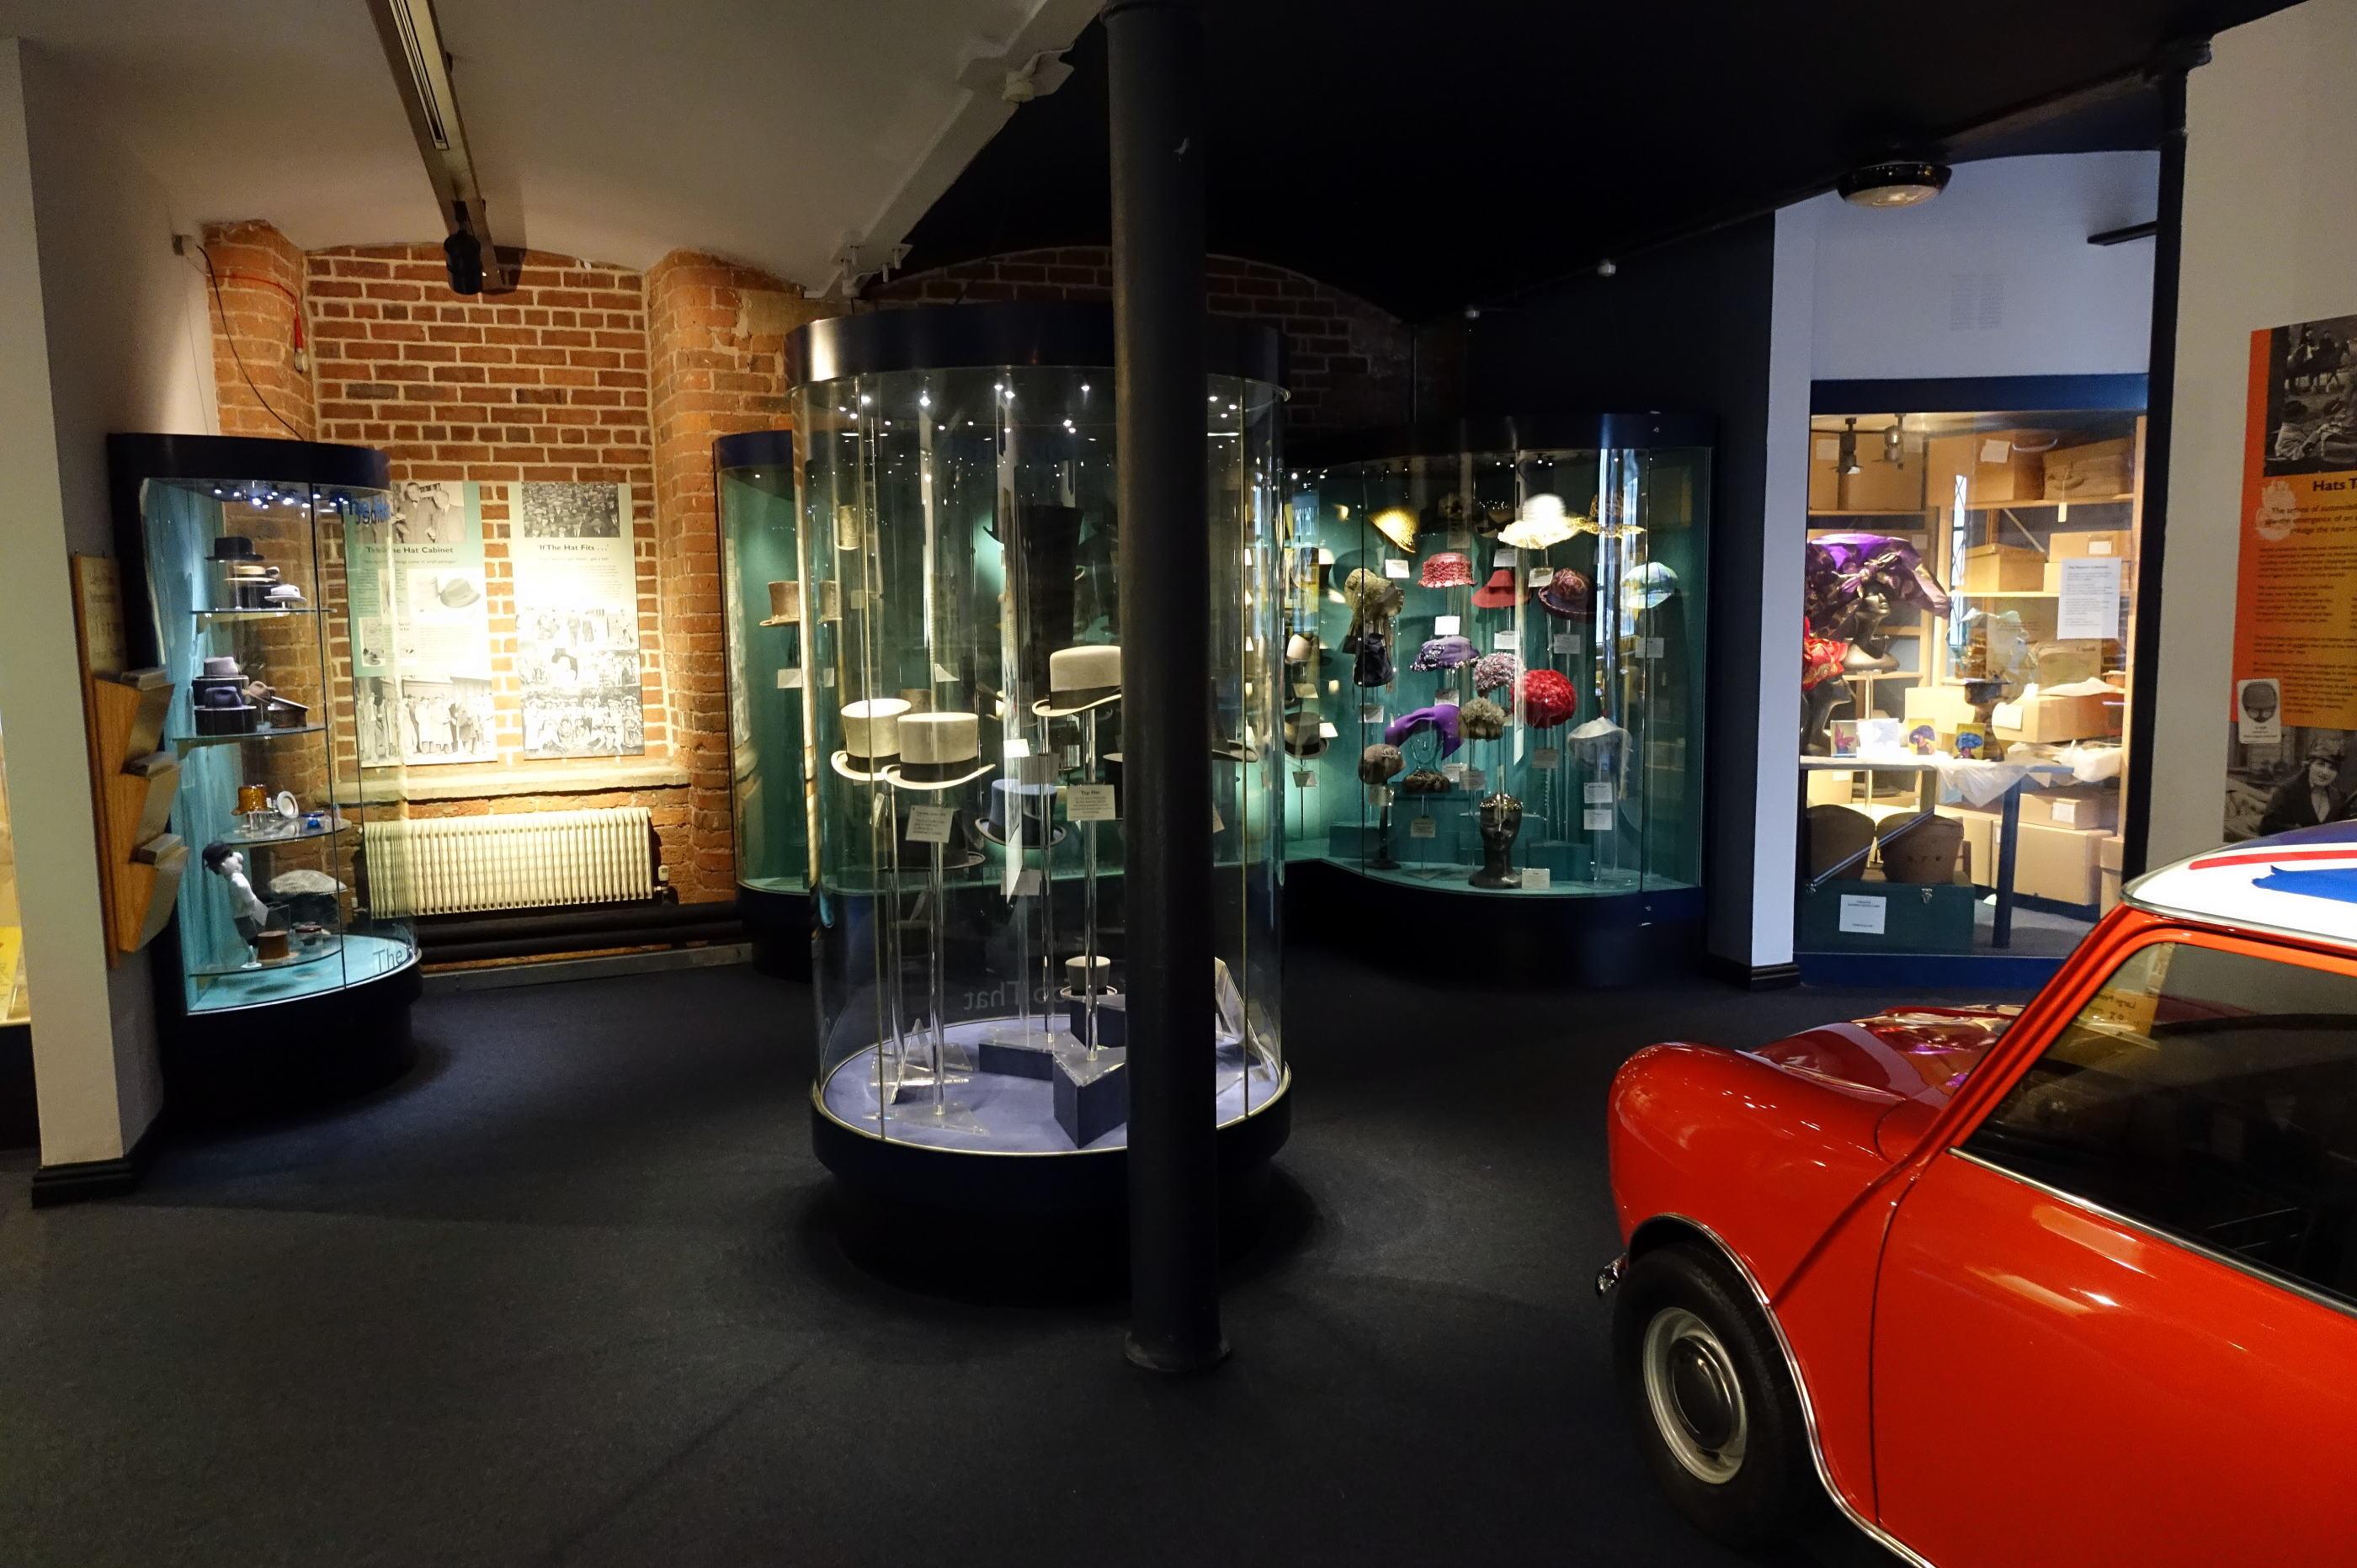 Hat disprey corner 英国 ミニ(MINI)車の展示